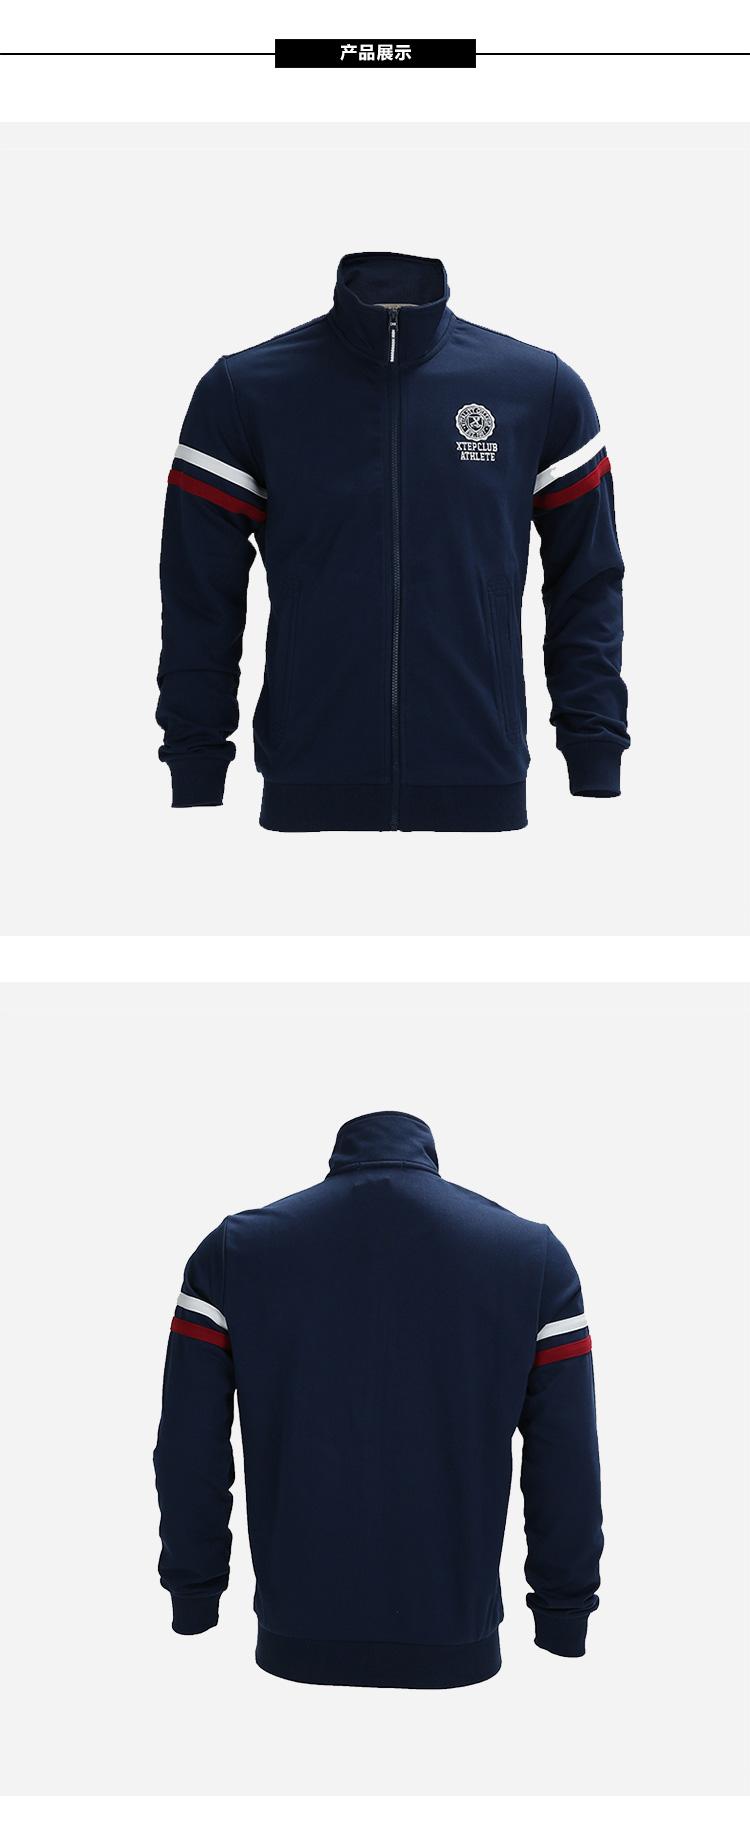 特步男装运动服春秋运动上衣 针织休闲外套 长袖开衫卫衣运动上衣 深